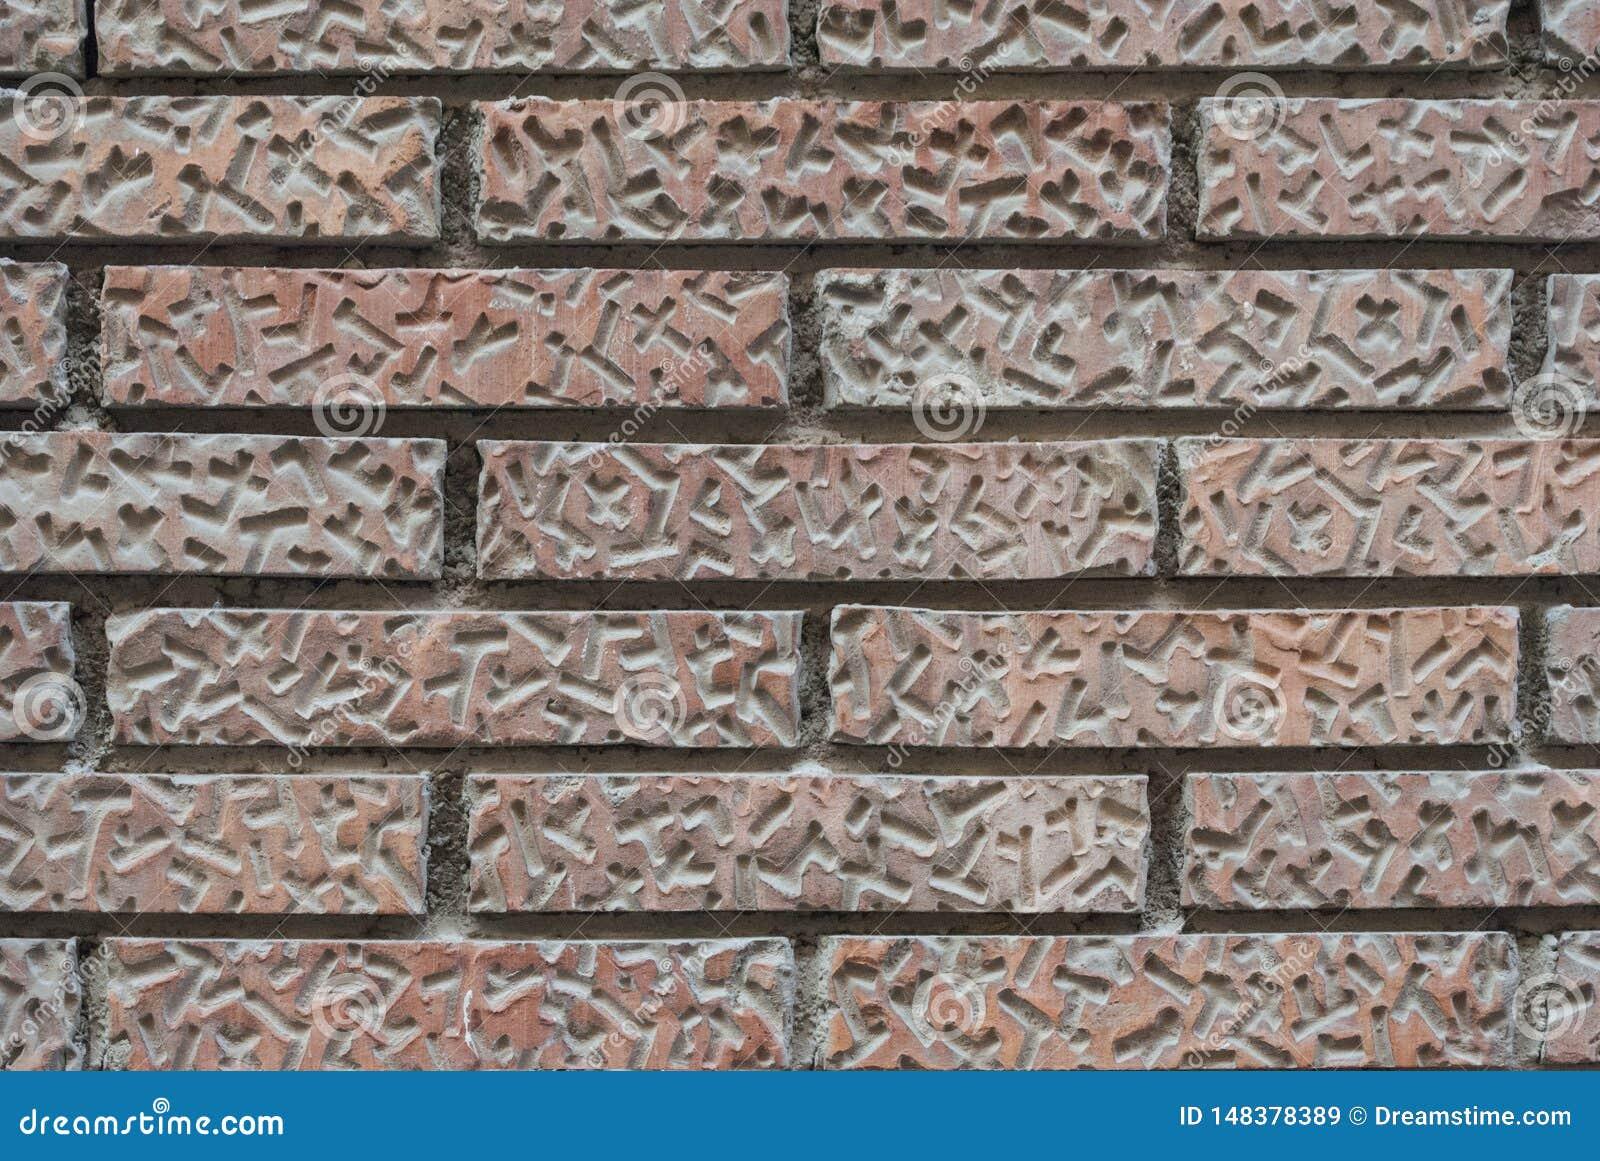 Muur van oude rode bakstenen met een patroon